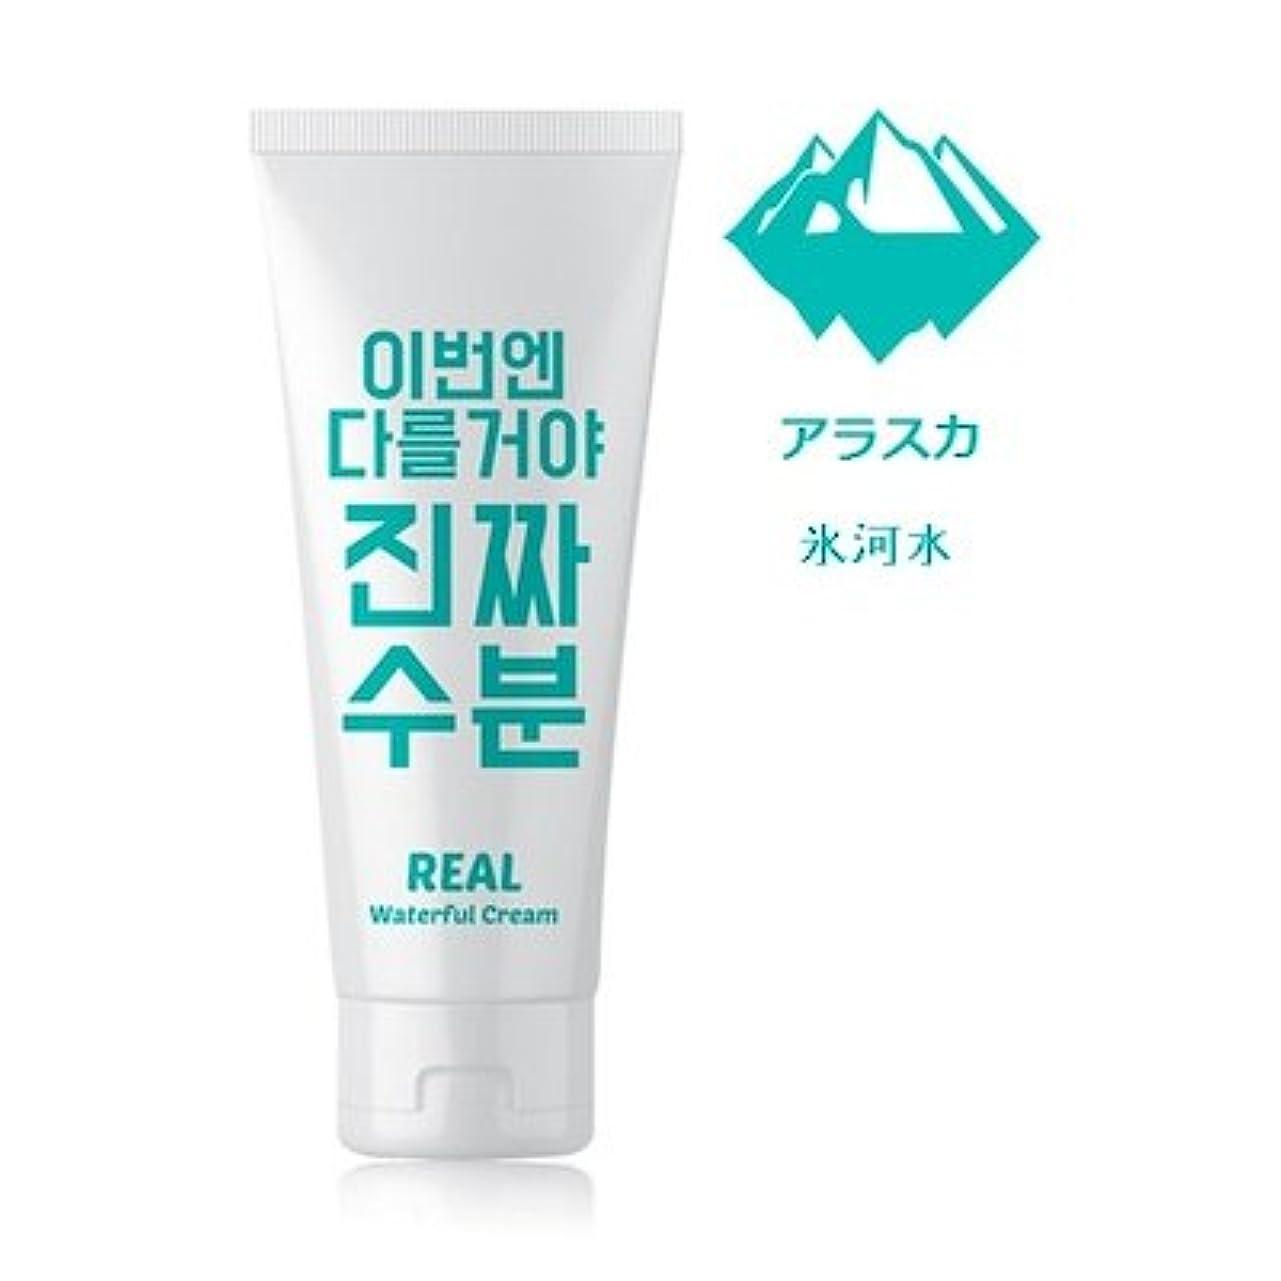 フェード見る人アーサーJaminkyung Real Waterful Cream/孜民耕 [ジャミンギョン] 今度は違うぞ本当の水分クリーム 200ml [並行輸入品]